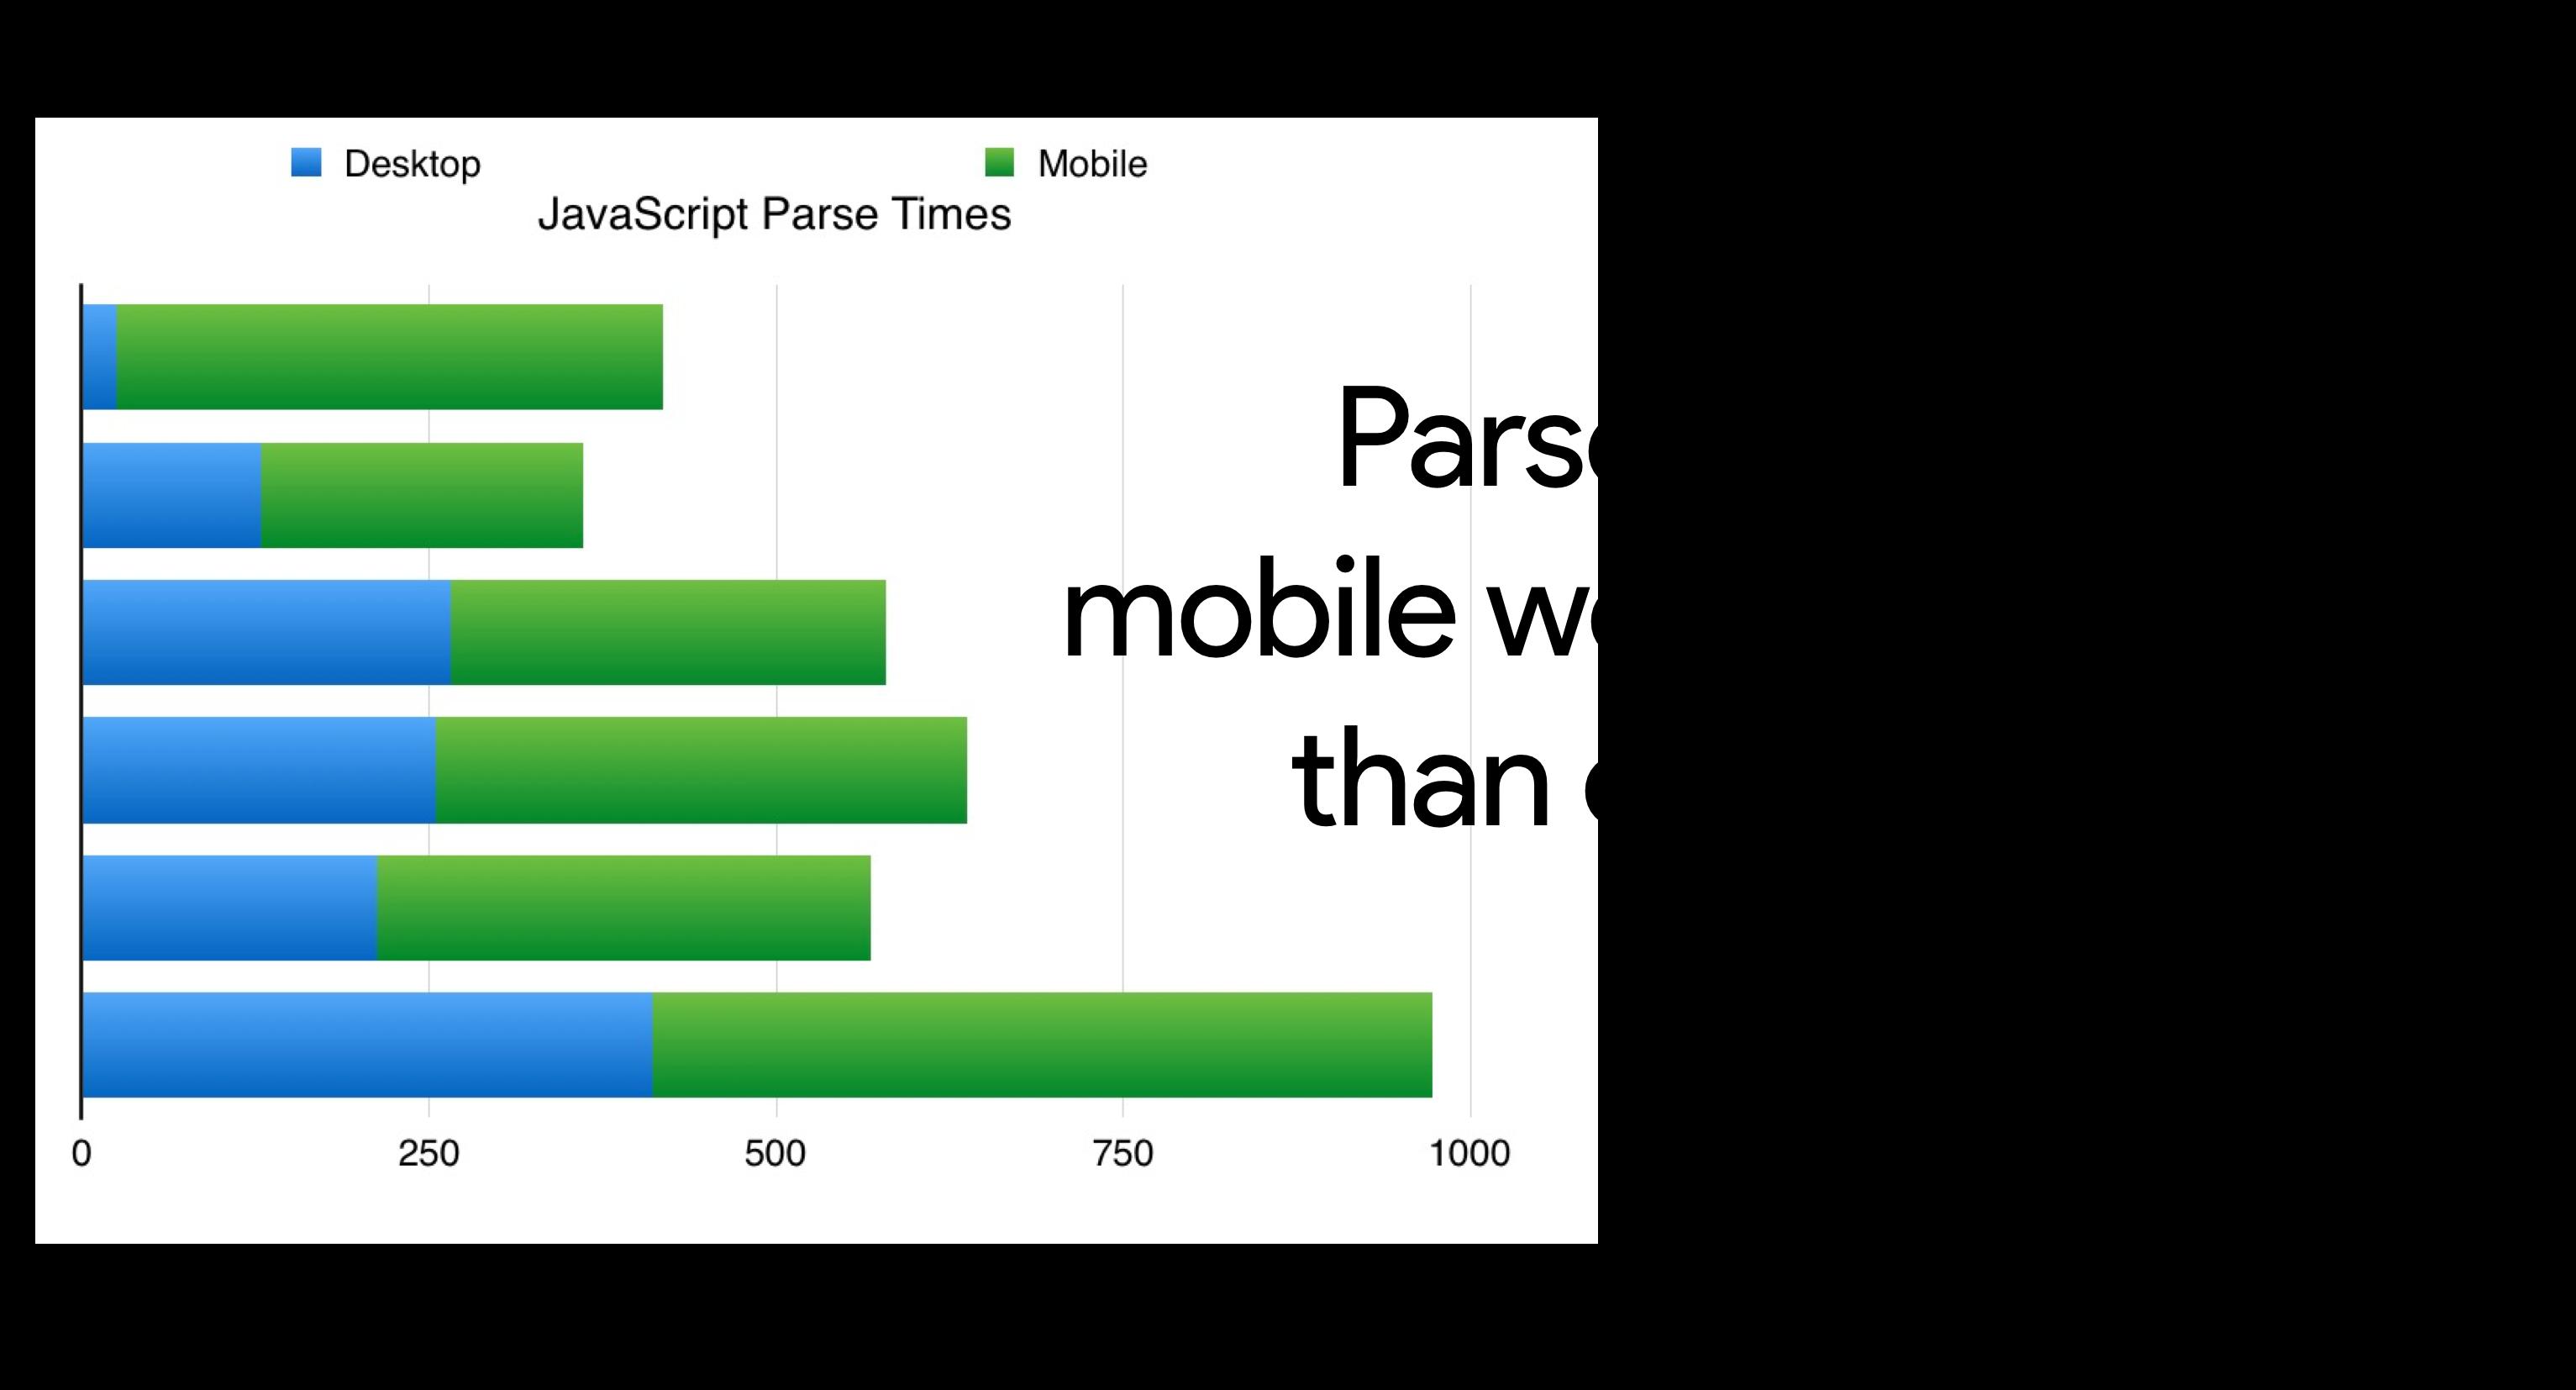 mobile-desktop-stury